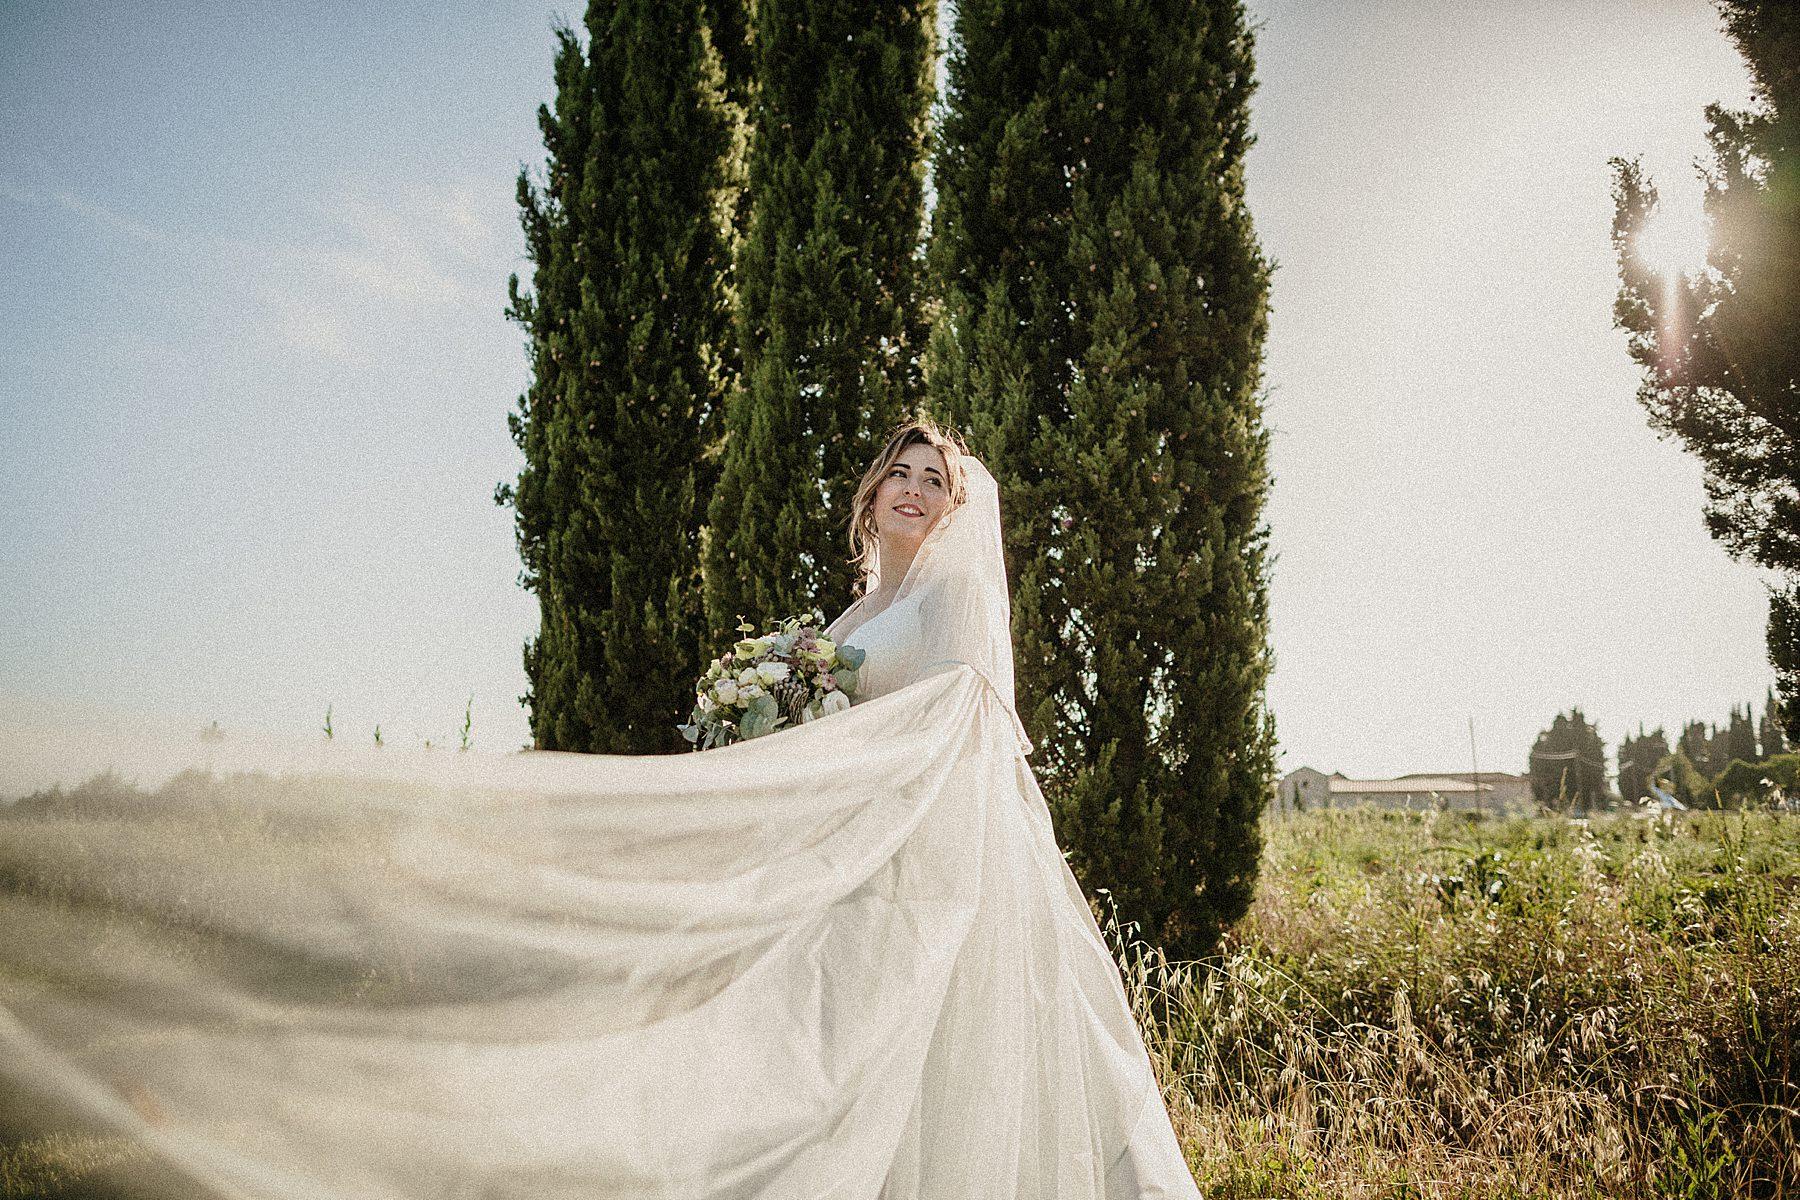 matrimonio tenuta bichi borghesi monteriggioni 3031